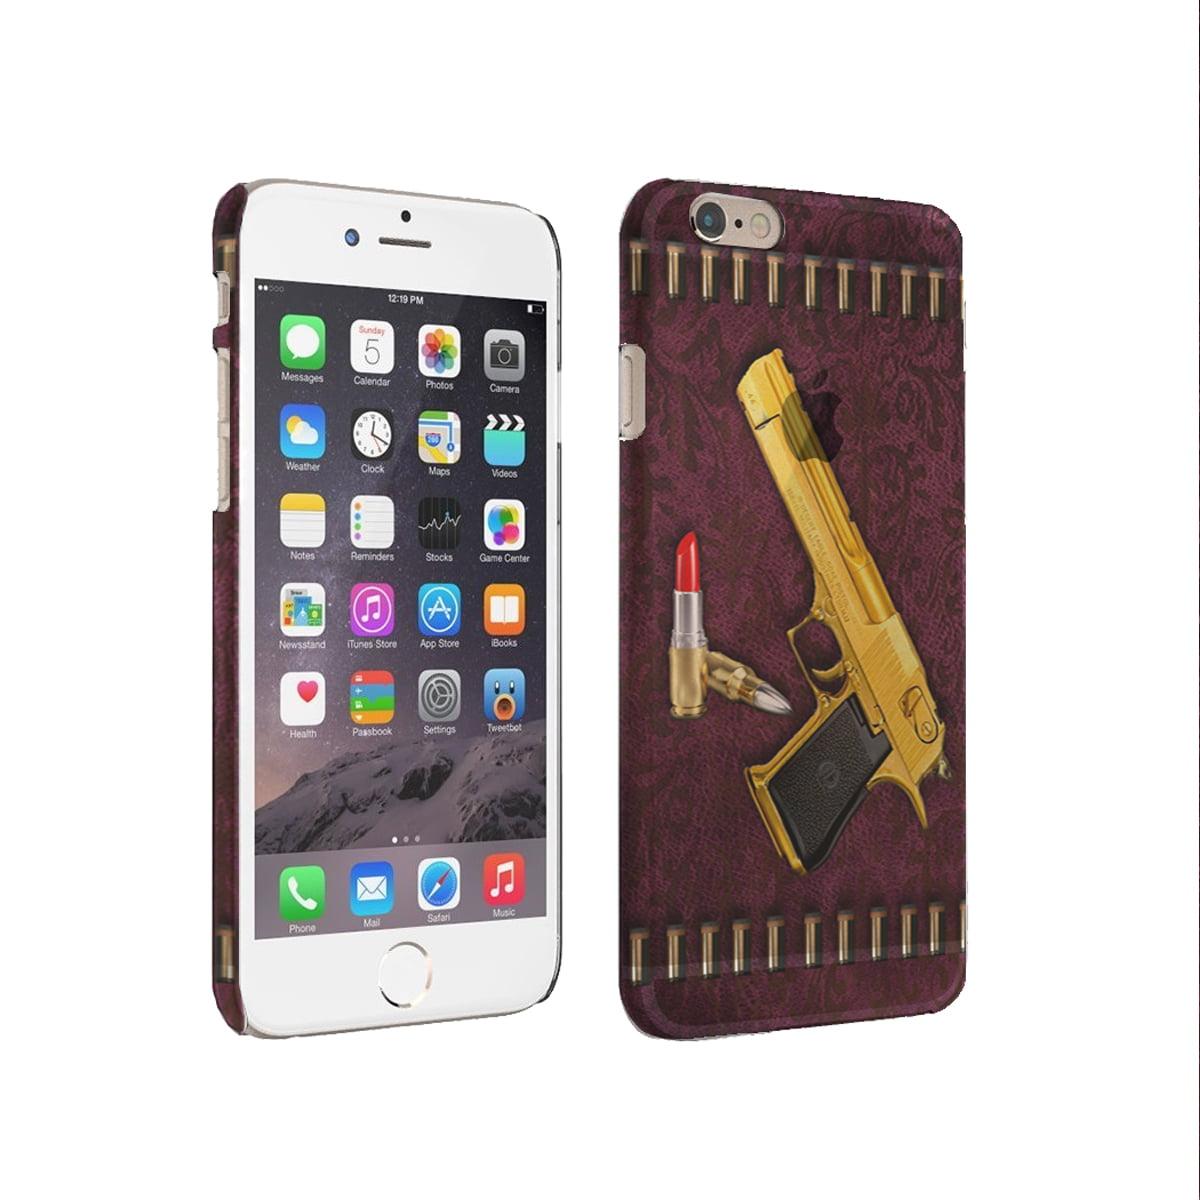 KuzmarK iPhone 6 Plus Rubber Cover Case - Designer Gold Gun